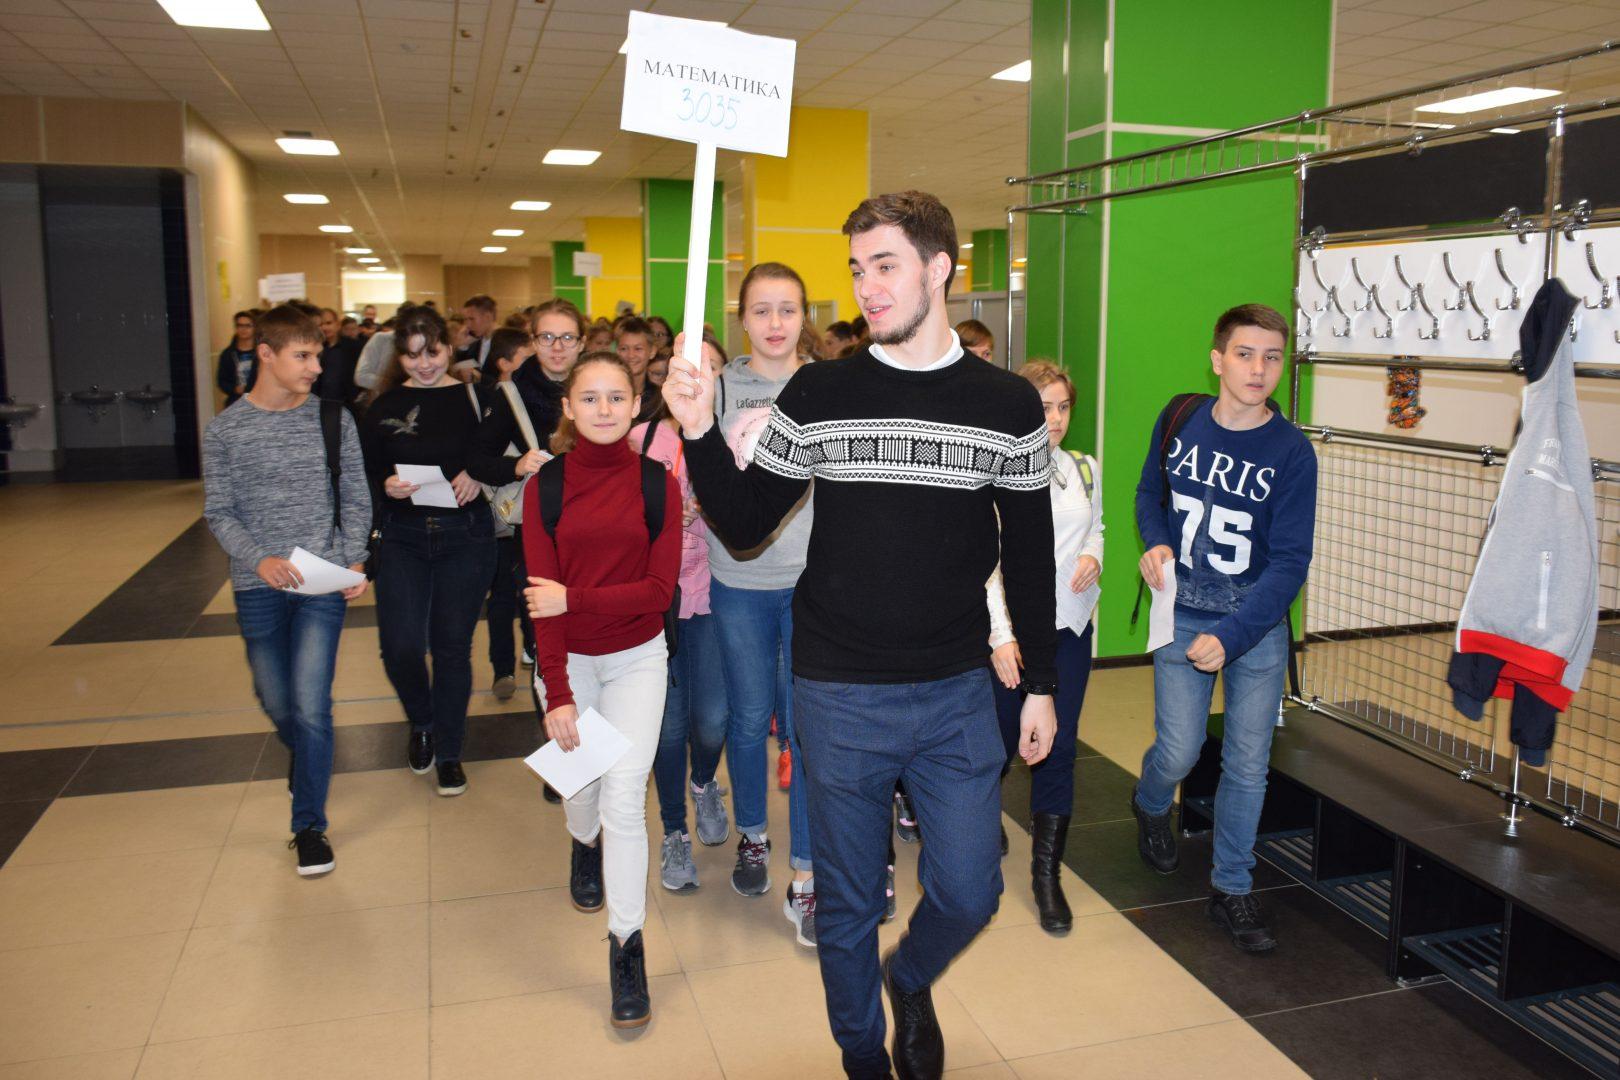 Многопрофильный турнир имени Михаила Ломоносова провели в школе Сосенского. Фото: школа №2070